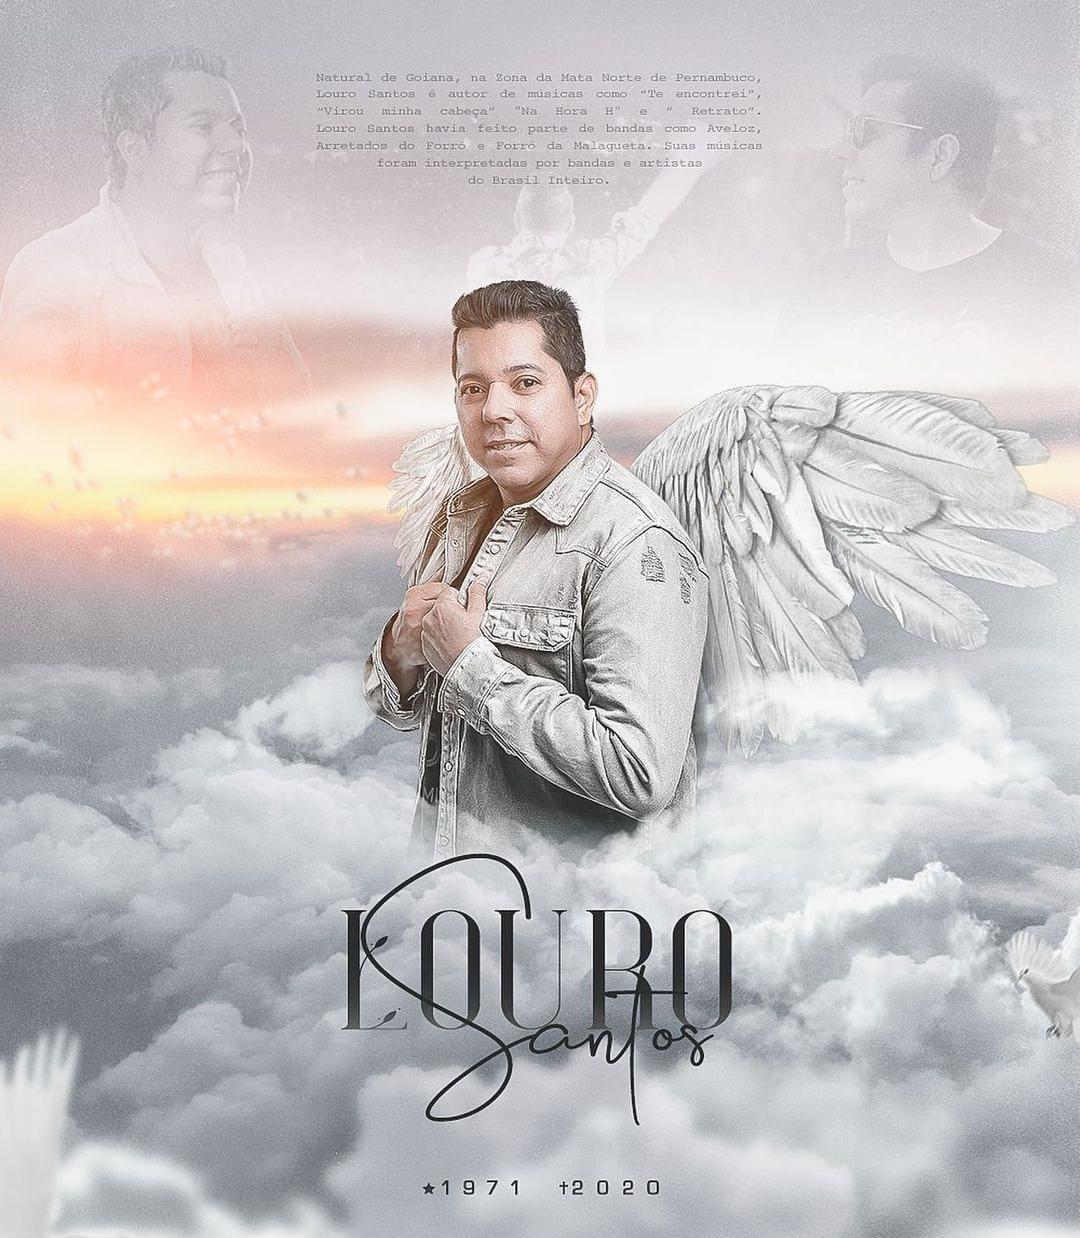 whatsapp image 2020 11 23 at 112245 1 - Cantor Louro Santos será sepultado às 13h desta segunda-feira, em Pernambuco